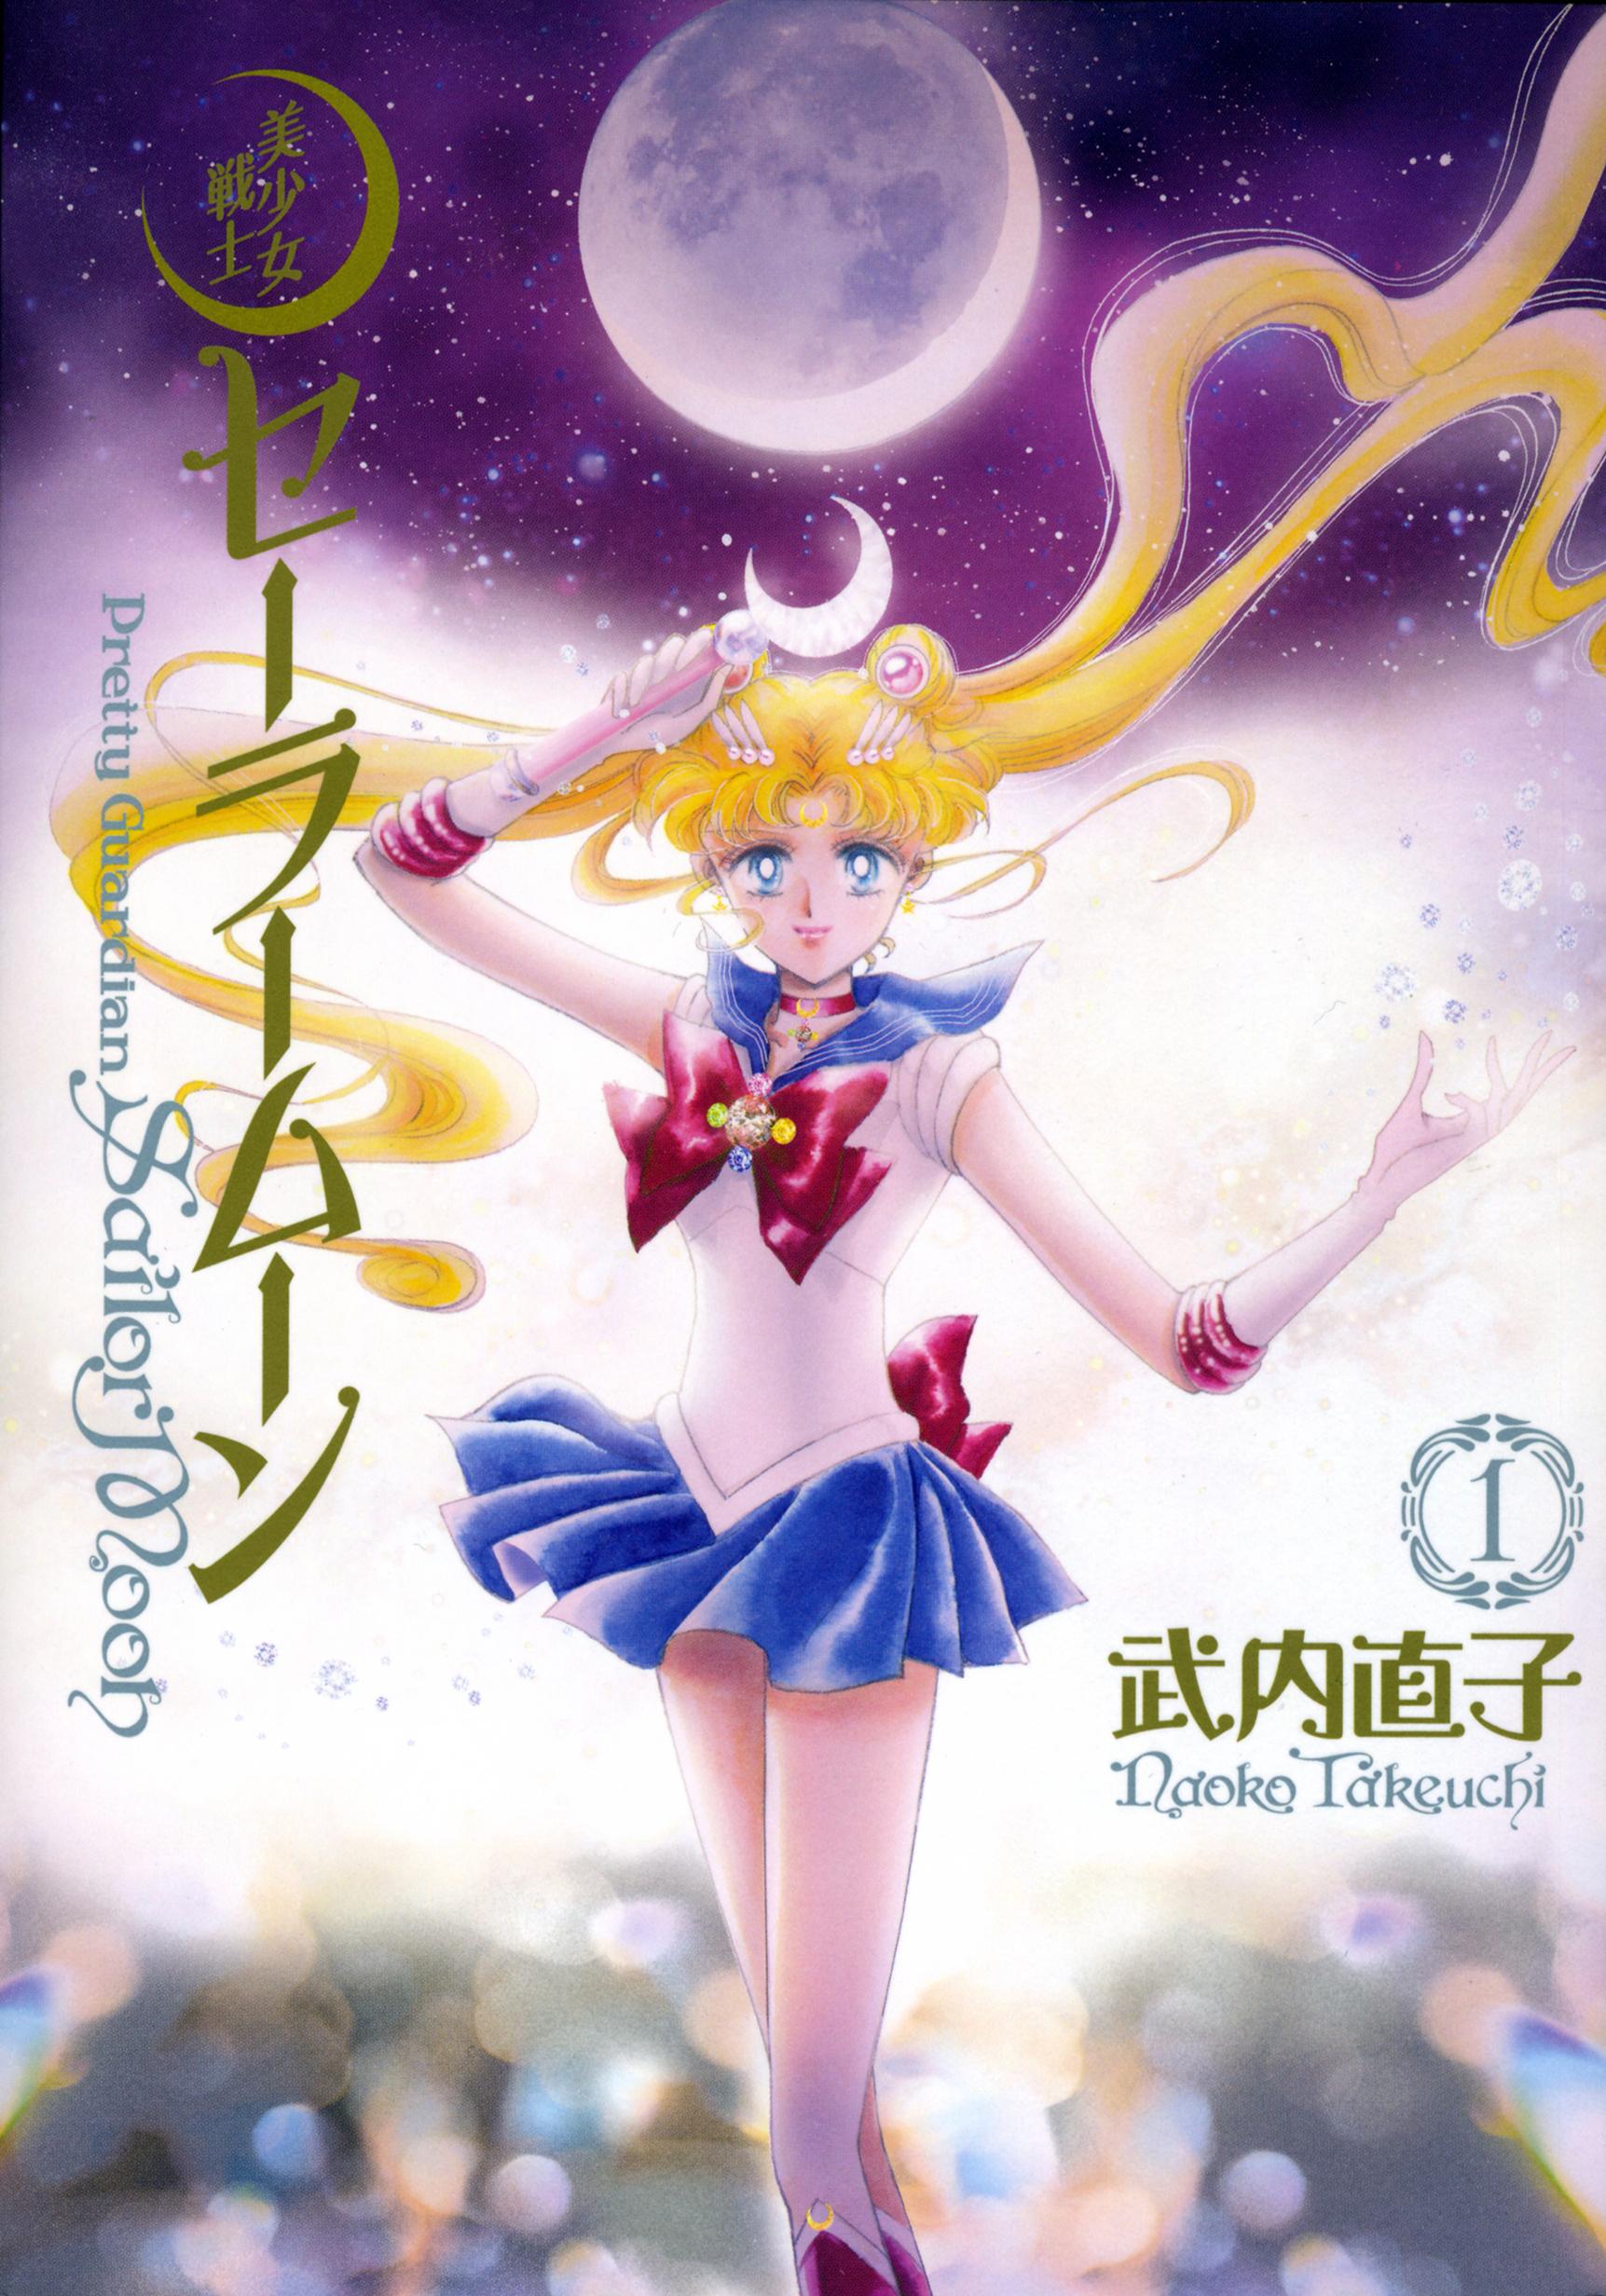 Sailor Moon Kanzenban (20th Anniversary Edition) & Sailor Moon Norma Editorial 645360wjulw